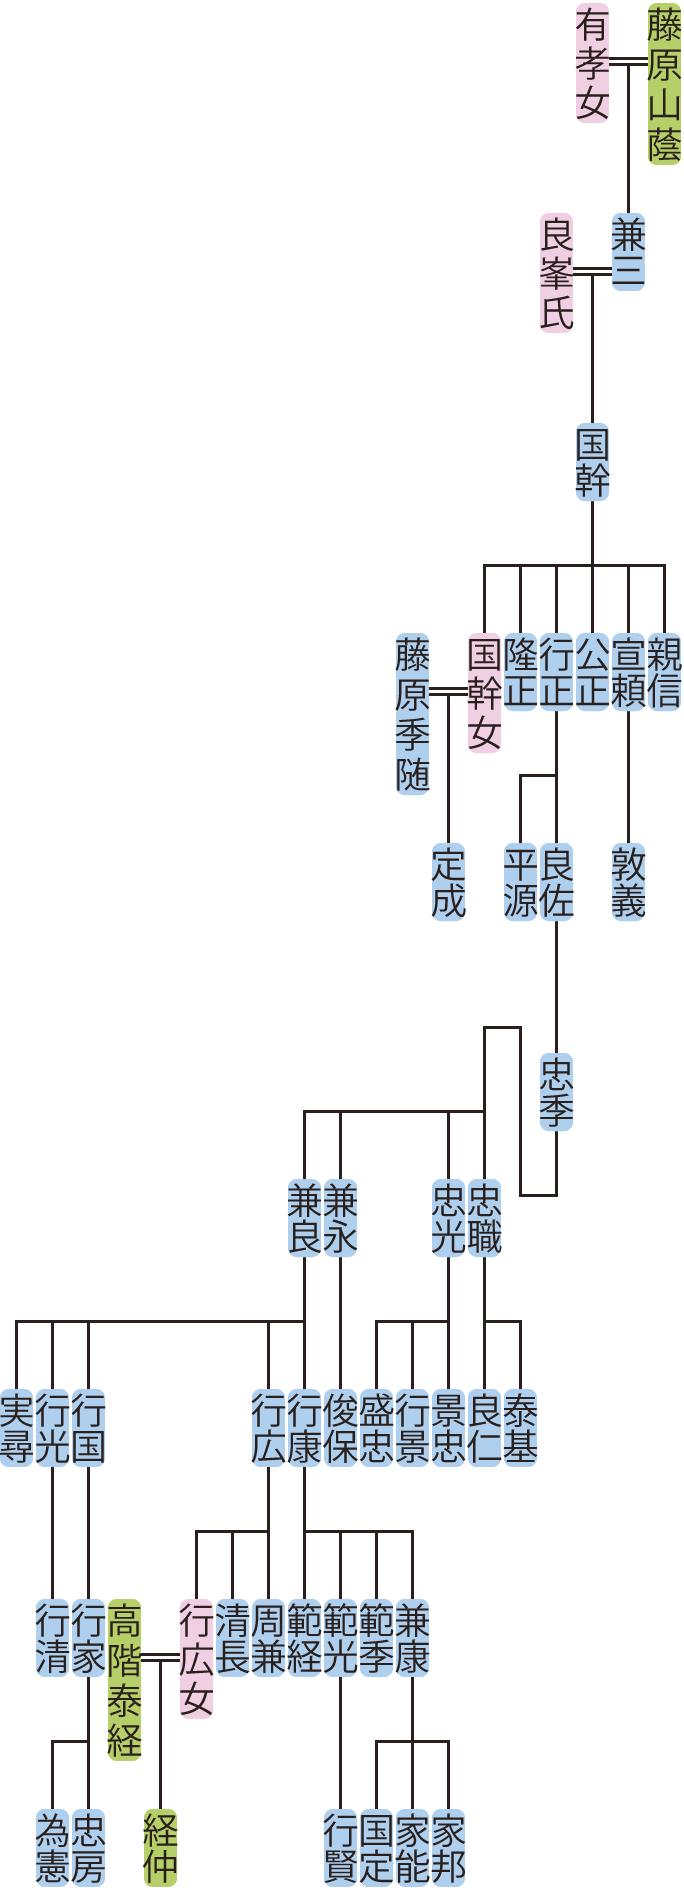 藤原国幹の系図